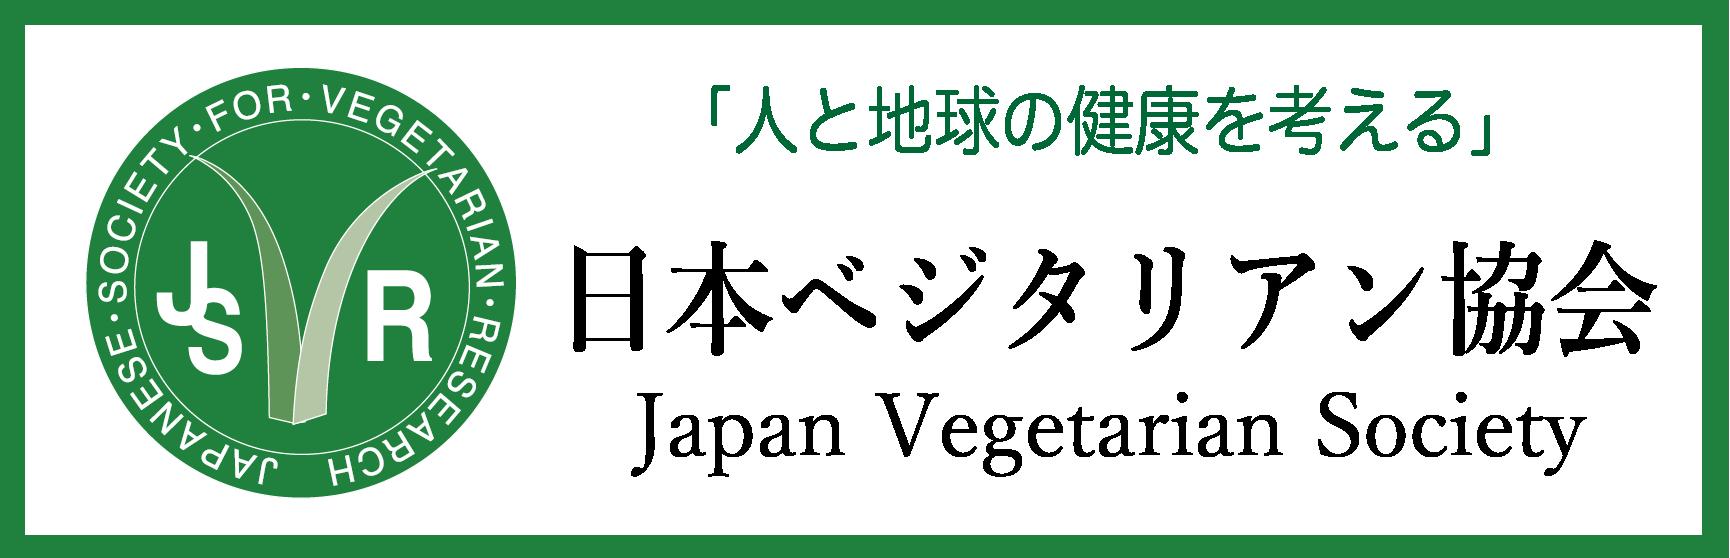 日本ベジタリアン協会